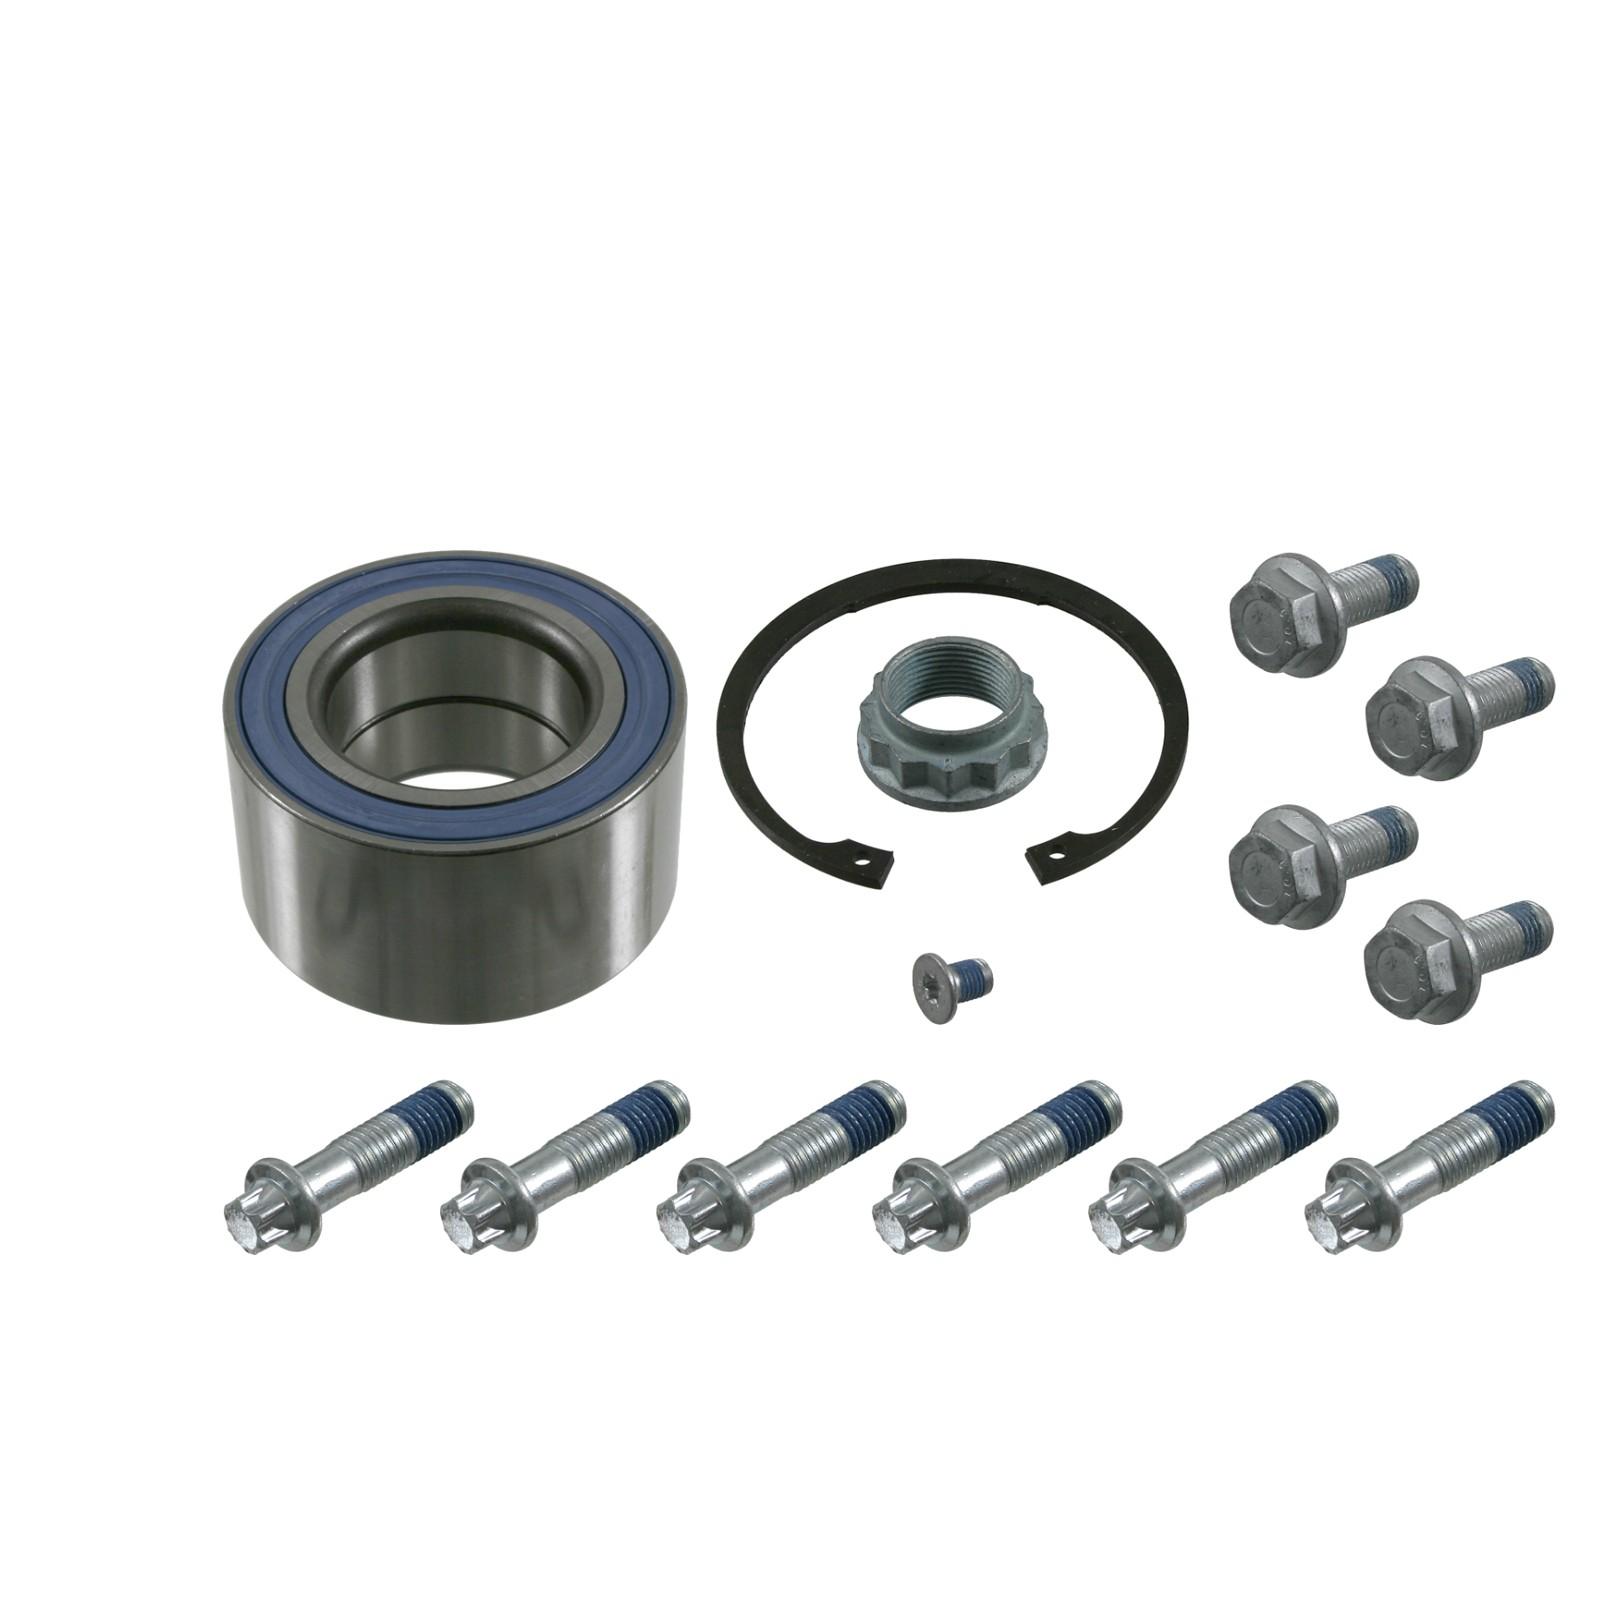 FEBI 21668 Radlagersatz MERCEDES W220 S500-600 S400 CDI / C215 CL500-60 CL55-65 AMG hinten